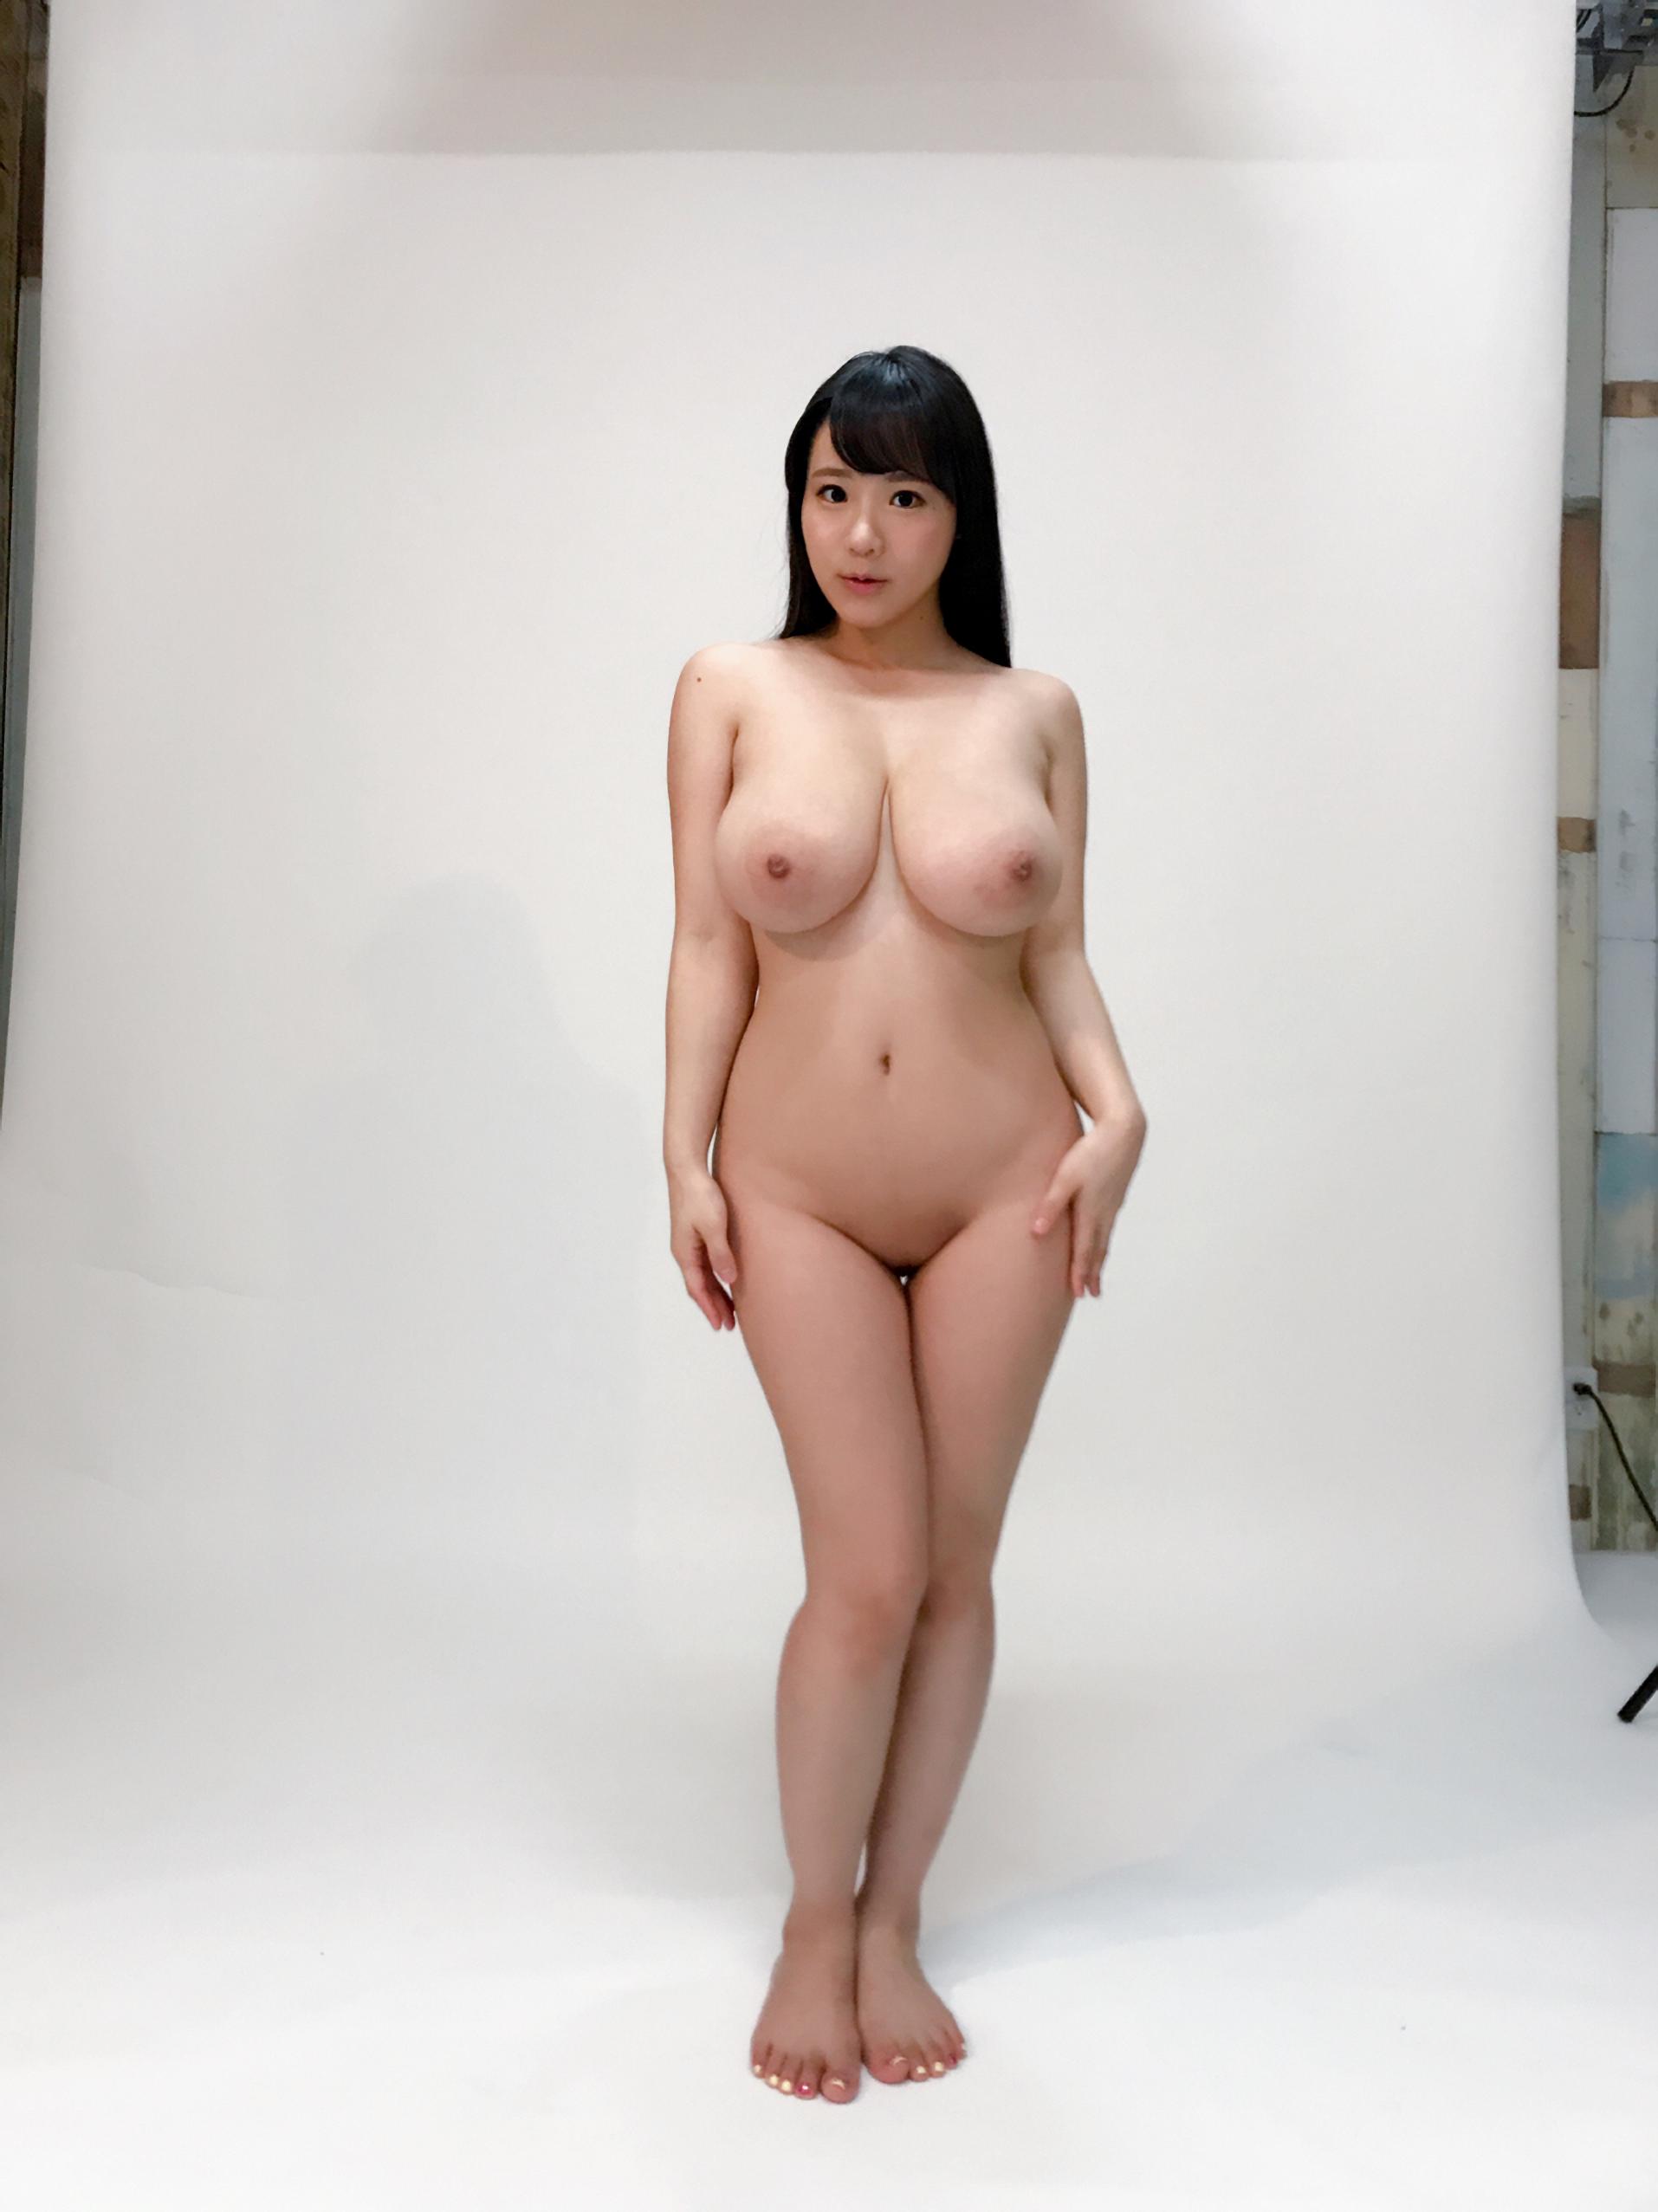 red hair asian porn star